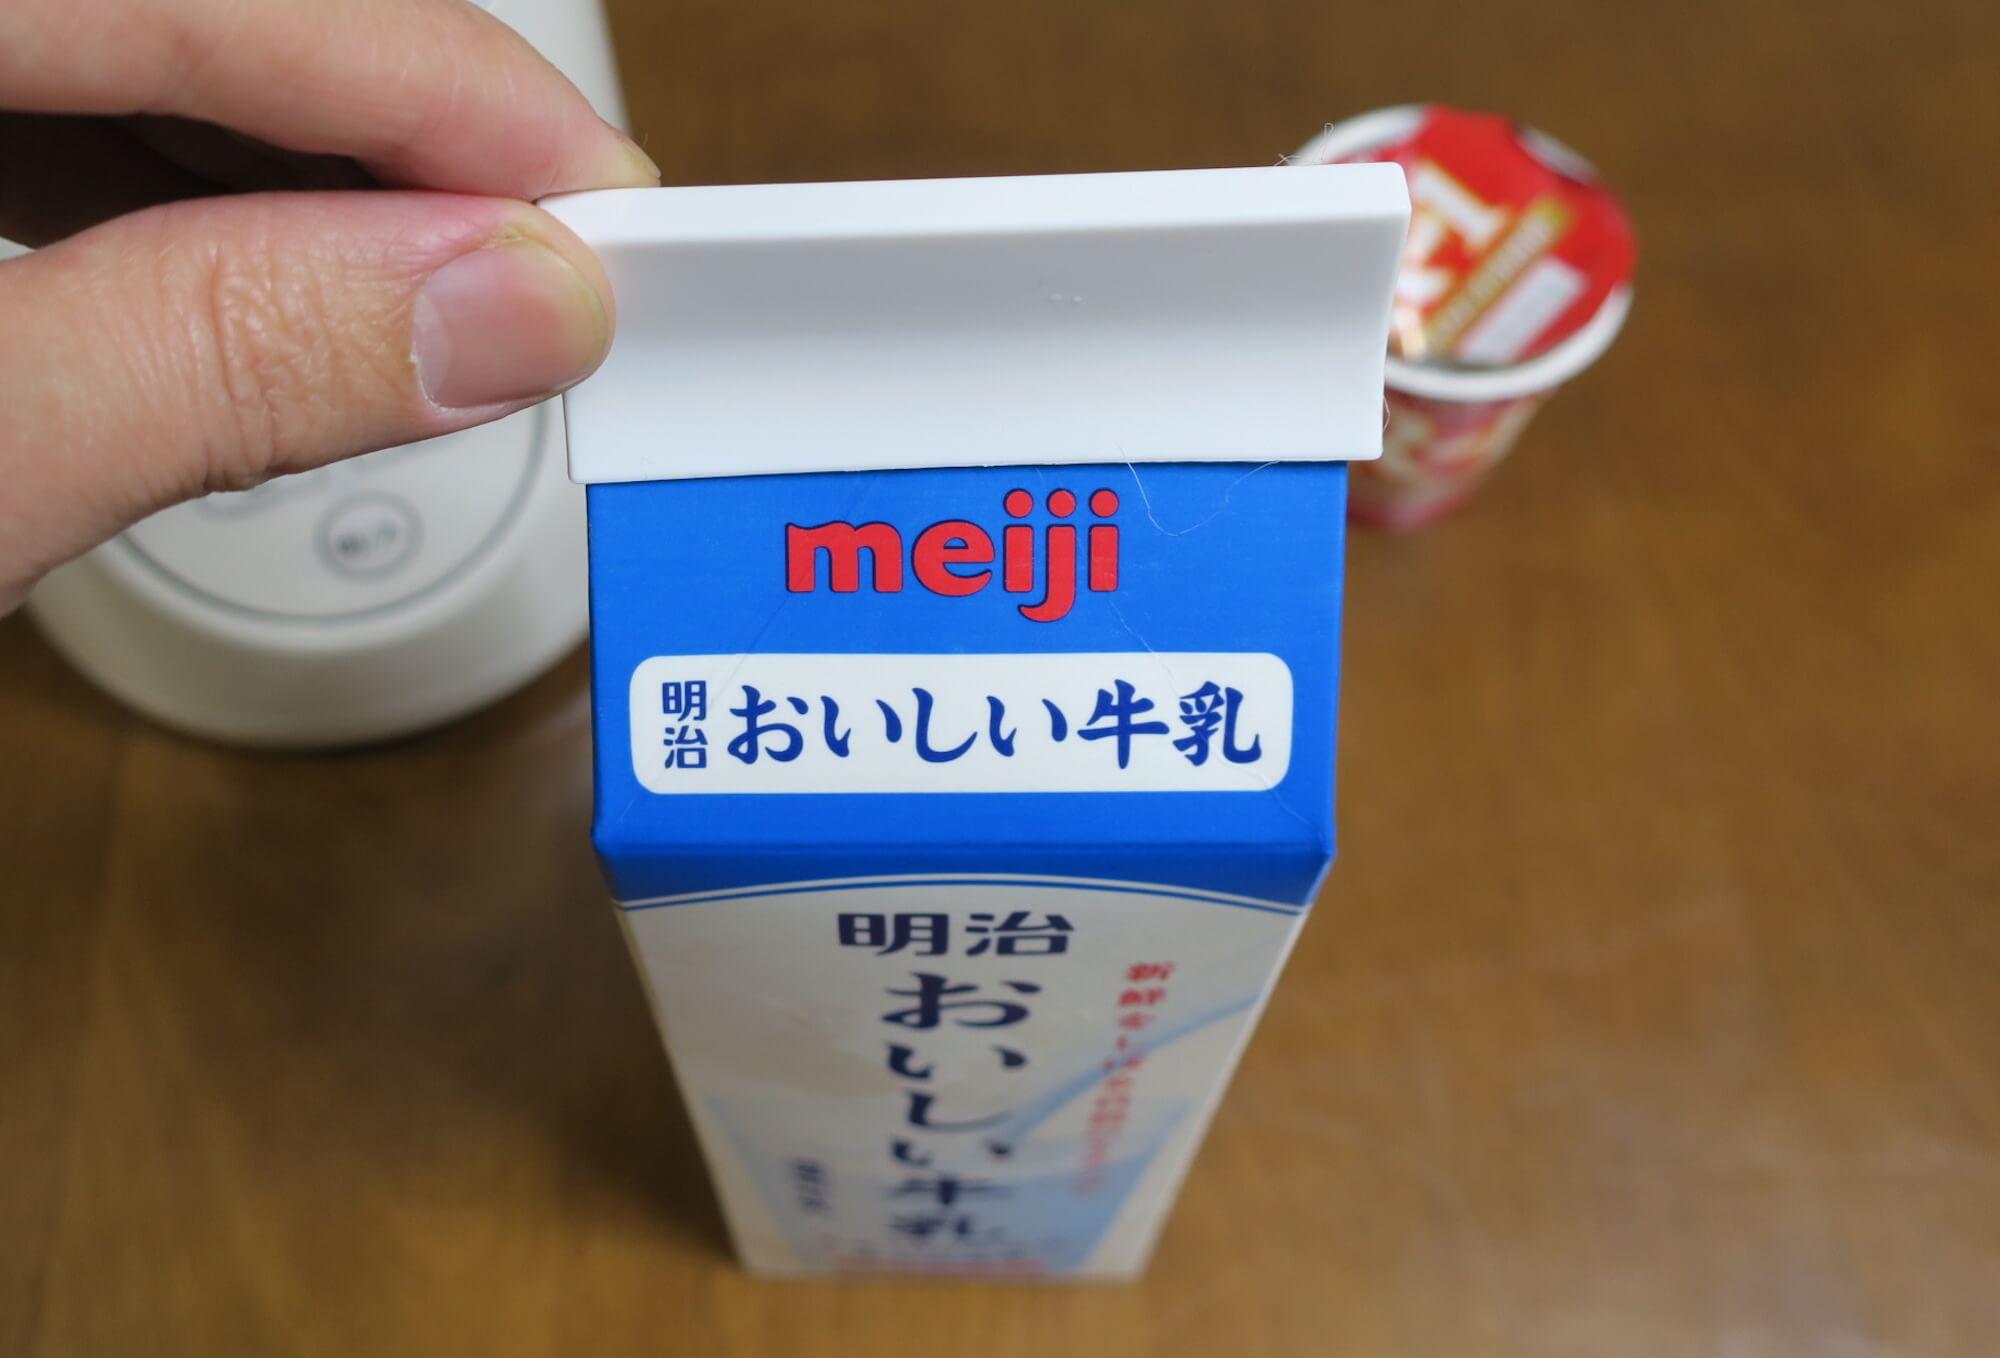 牛乳パック要フタをセット